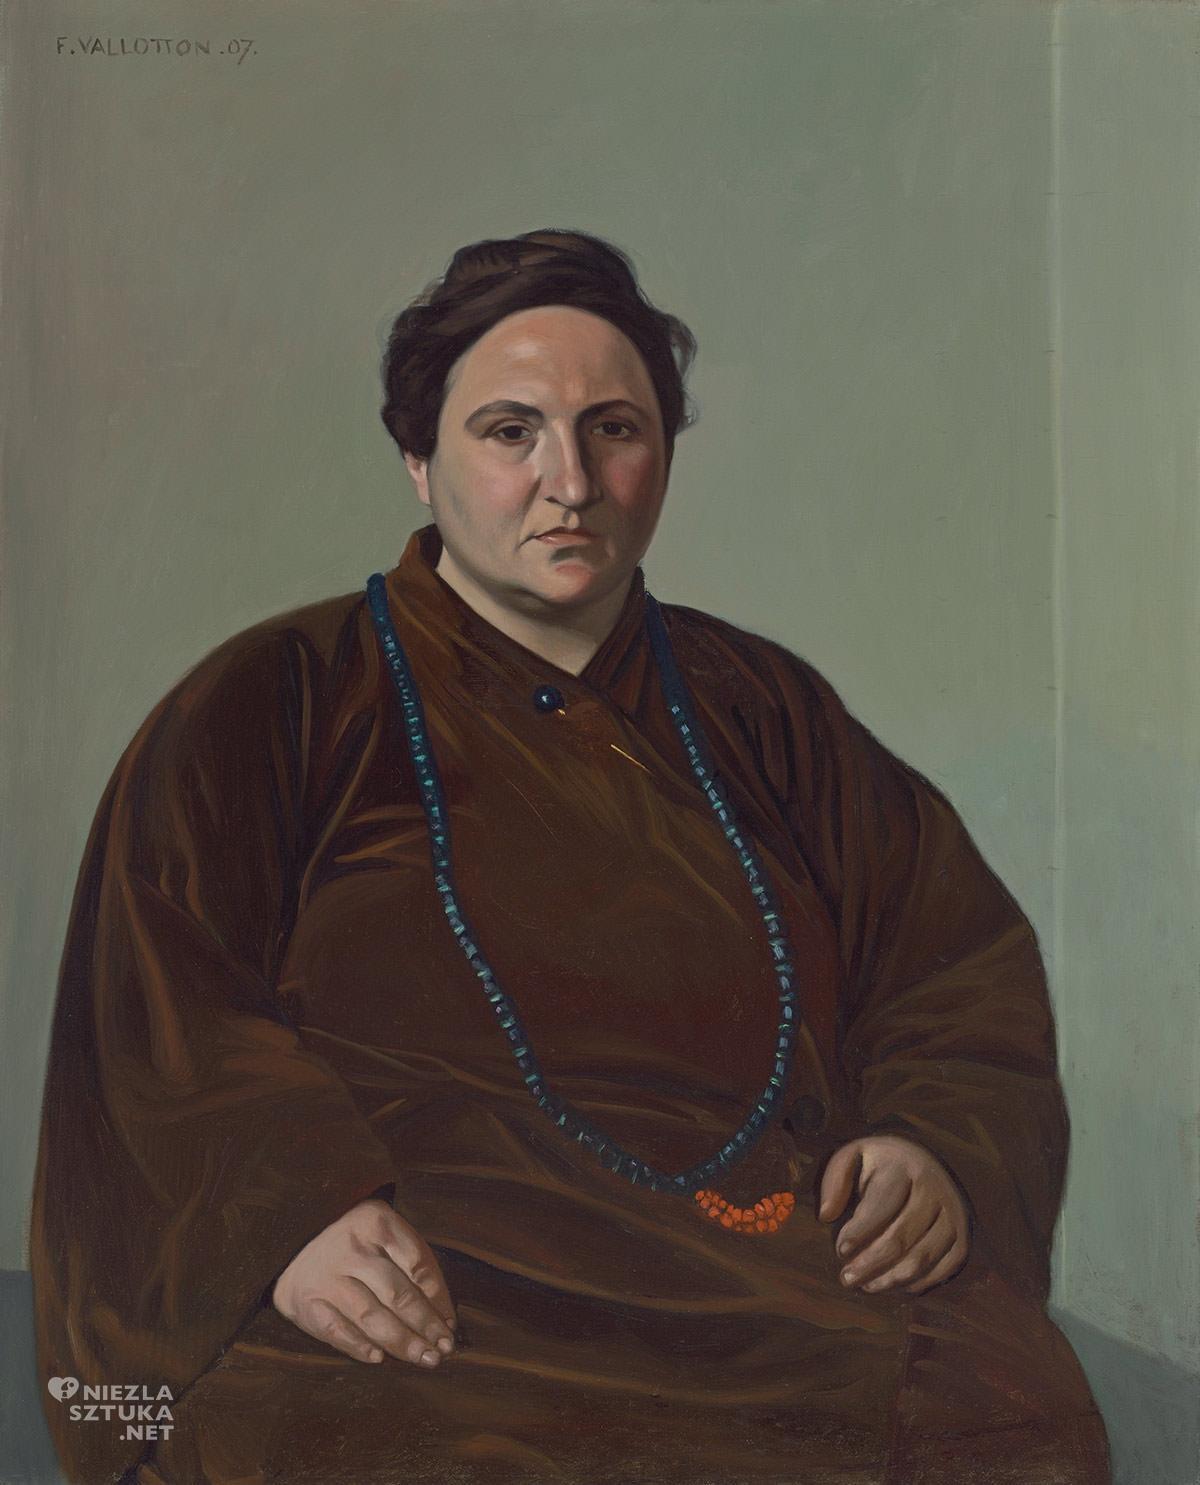 Félix Vallotton, Gertrude Stein, Niezła sztuka